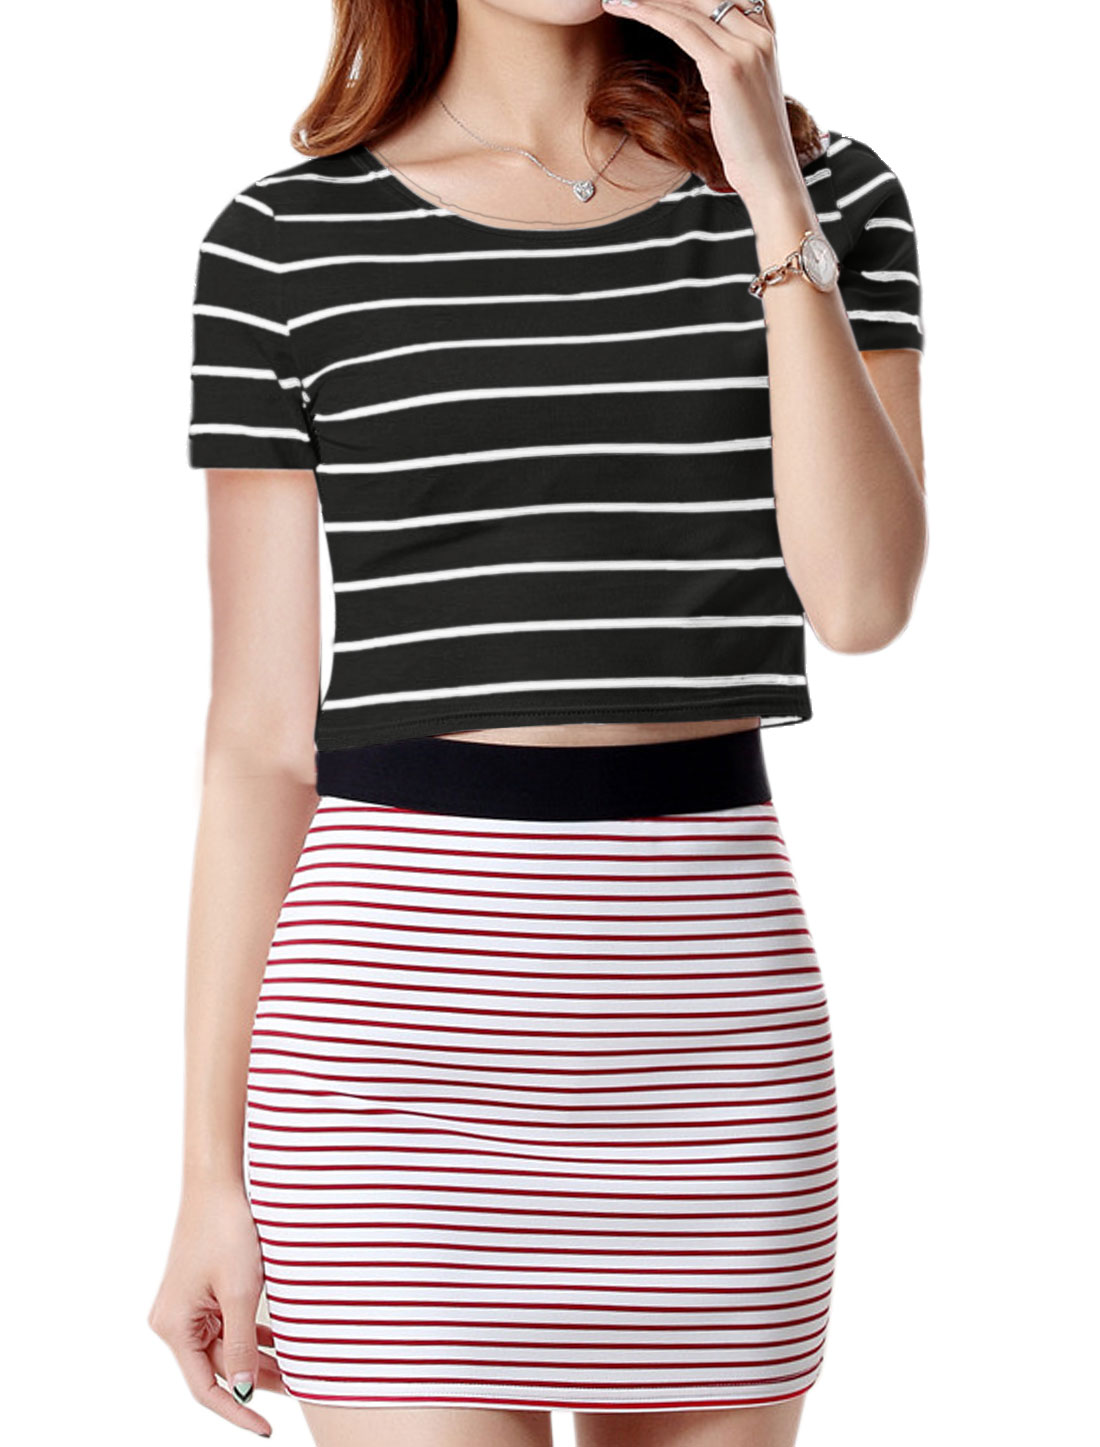 Ladies Round Neck Short Sleeves Stripes Slim Fit Crop Top Black S